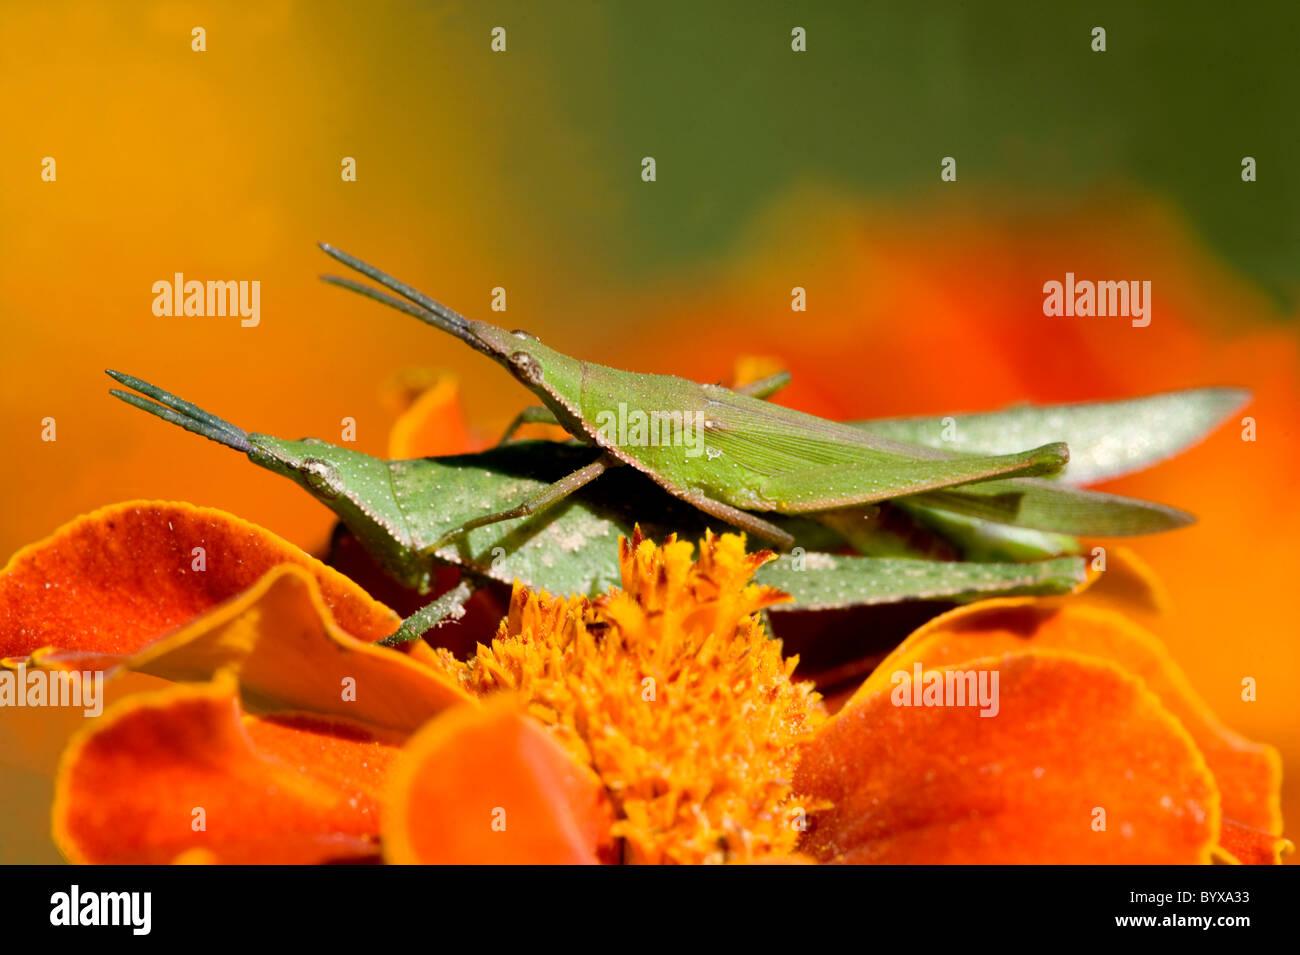 Paar von Heuschrecken Paarung Indien Stockbild